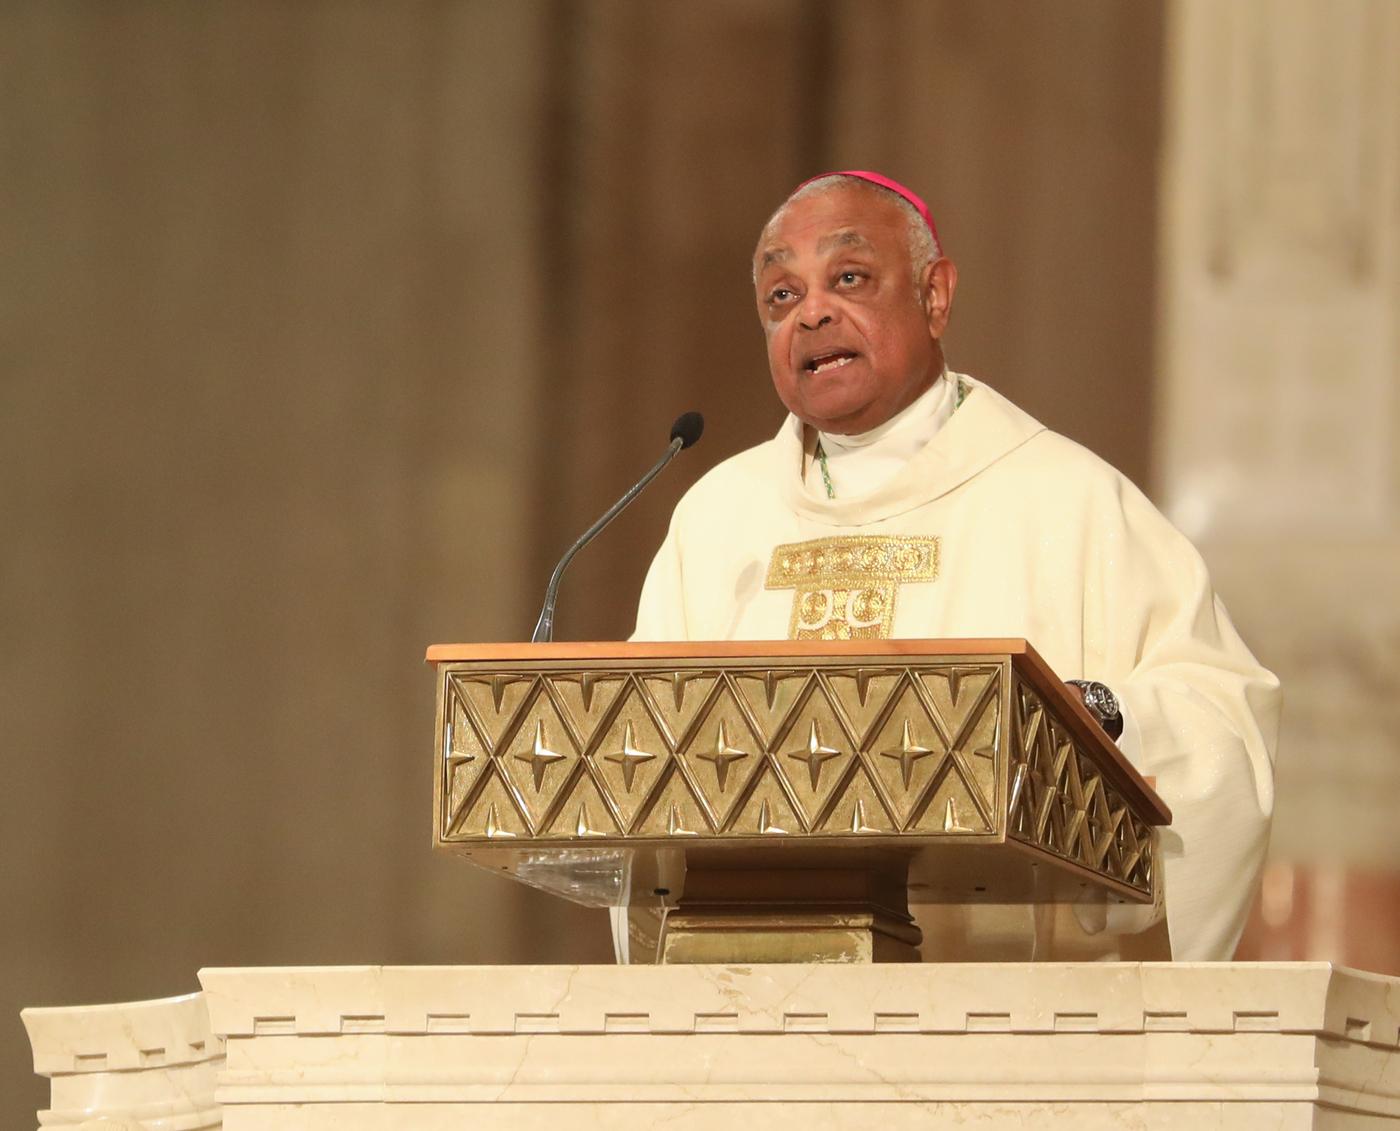 Bài giảng xuất sắc và cảm động của vị Tổng Giám Mục da đen đầu tiên mang đến hy vọng cho thủ đô Hoa Kỳ